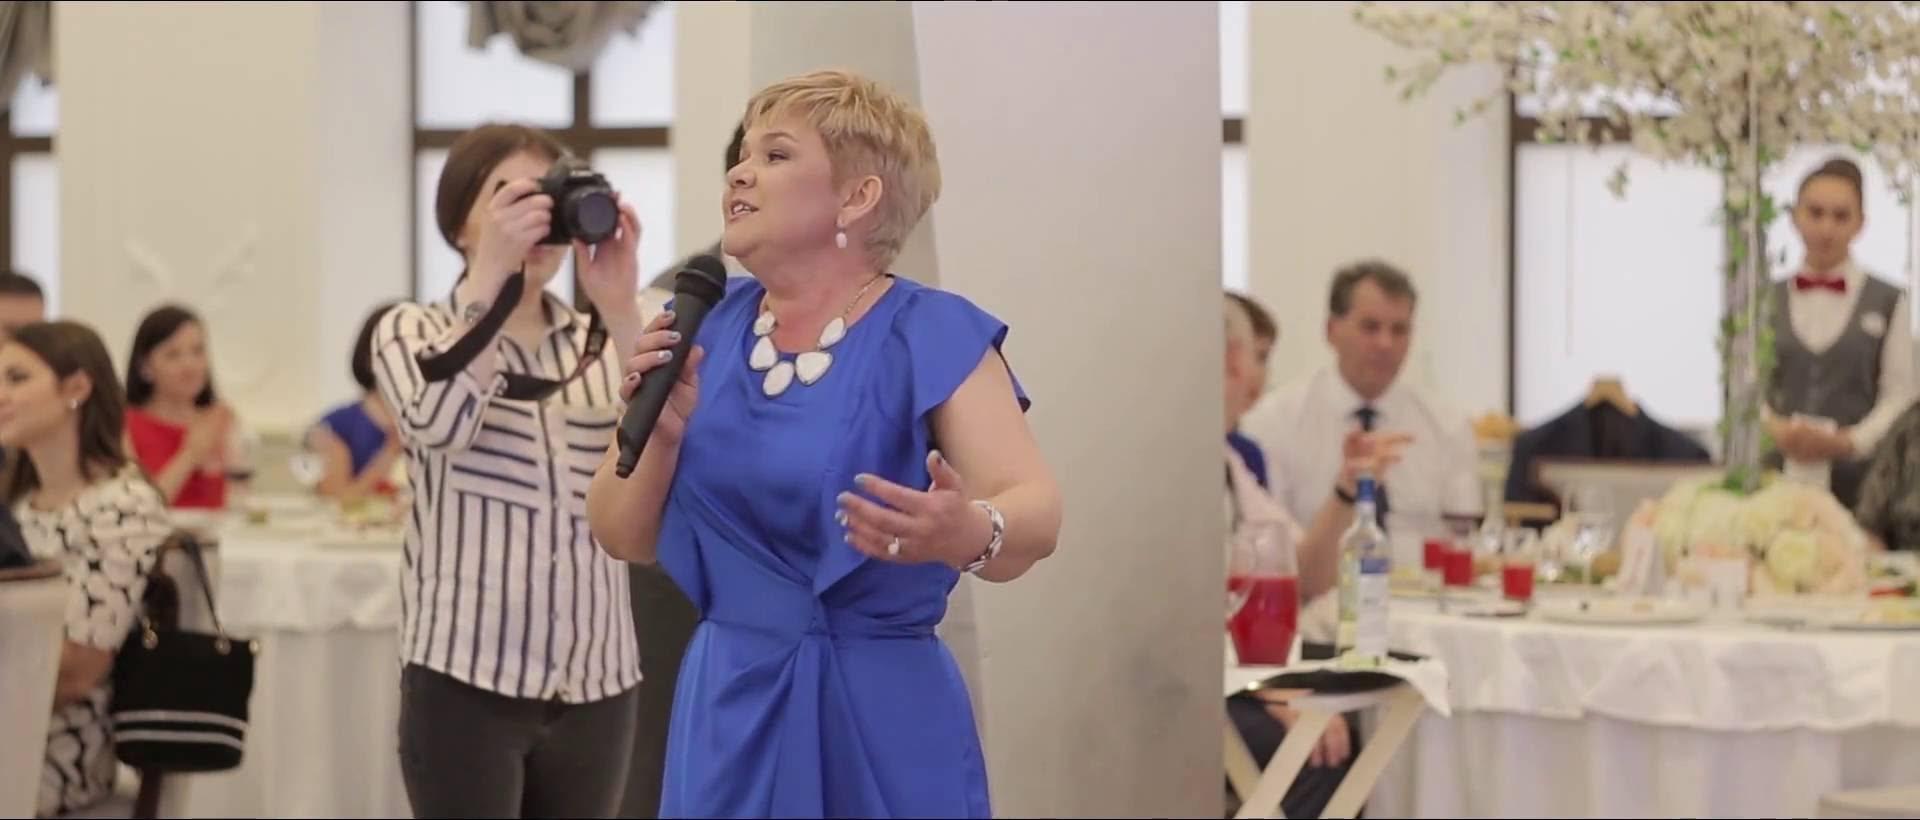 Музыкальное поздравление мамы для сына на свадьбе